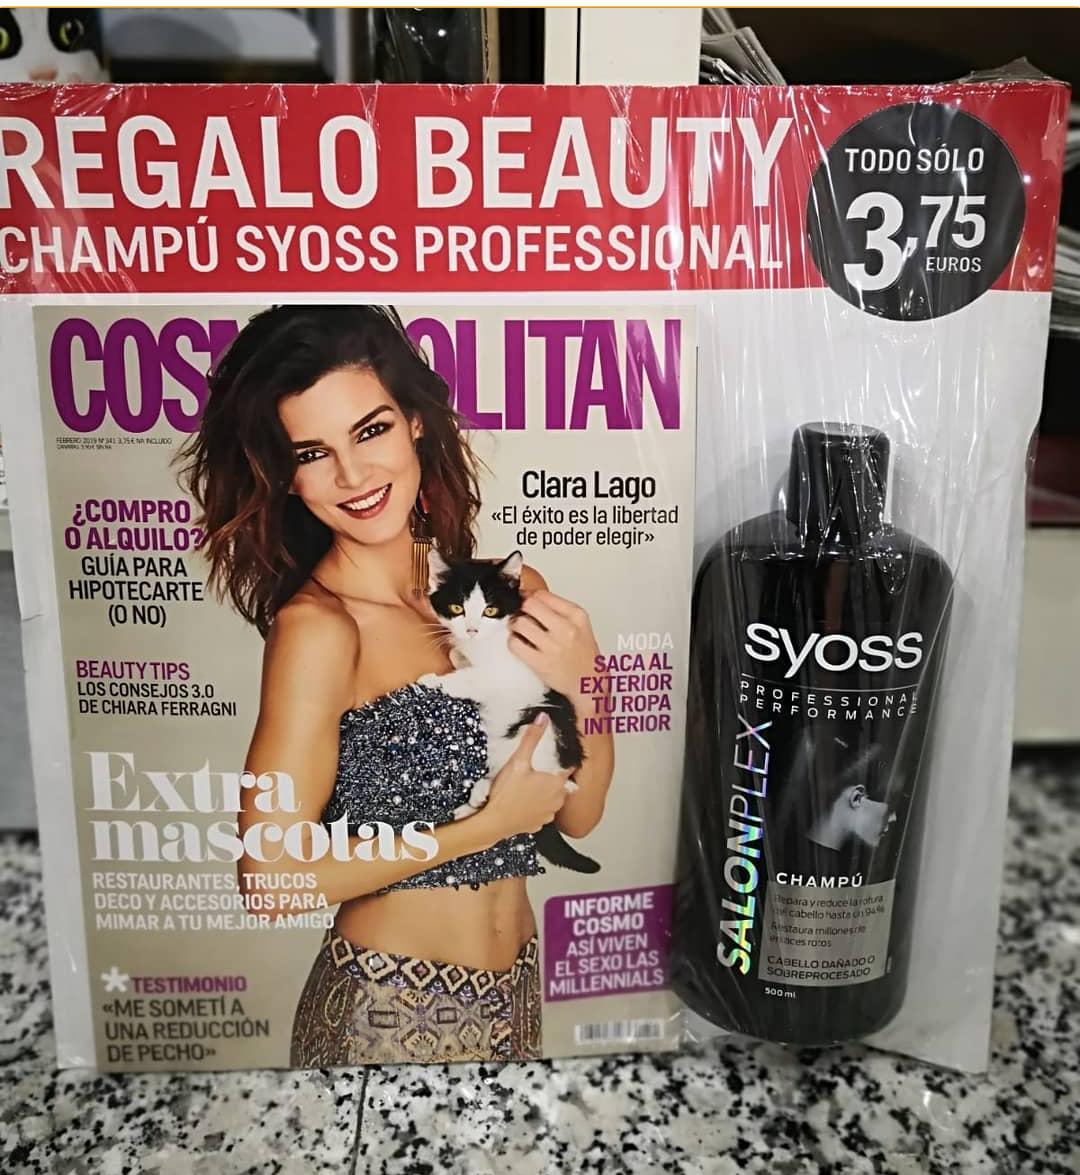 Champú Syoss (500ml) Gratis con revista Cosmopolitan y más cosicas